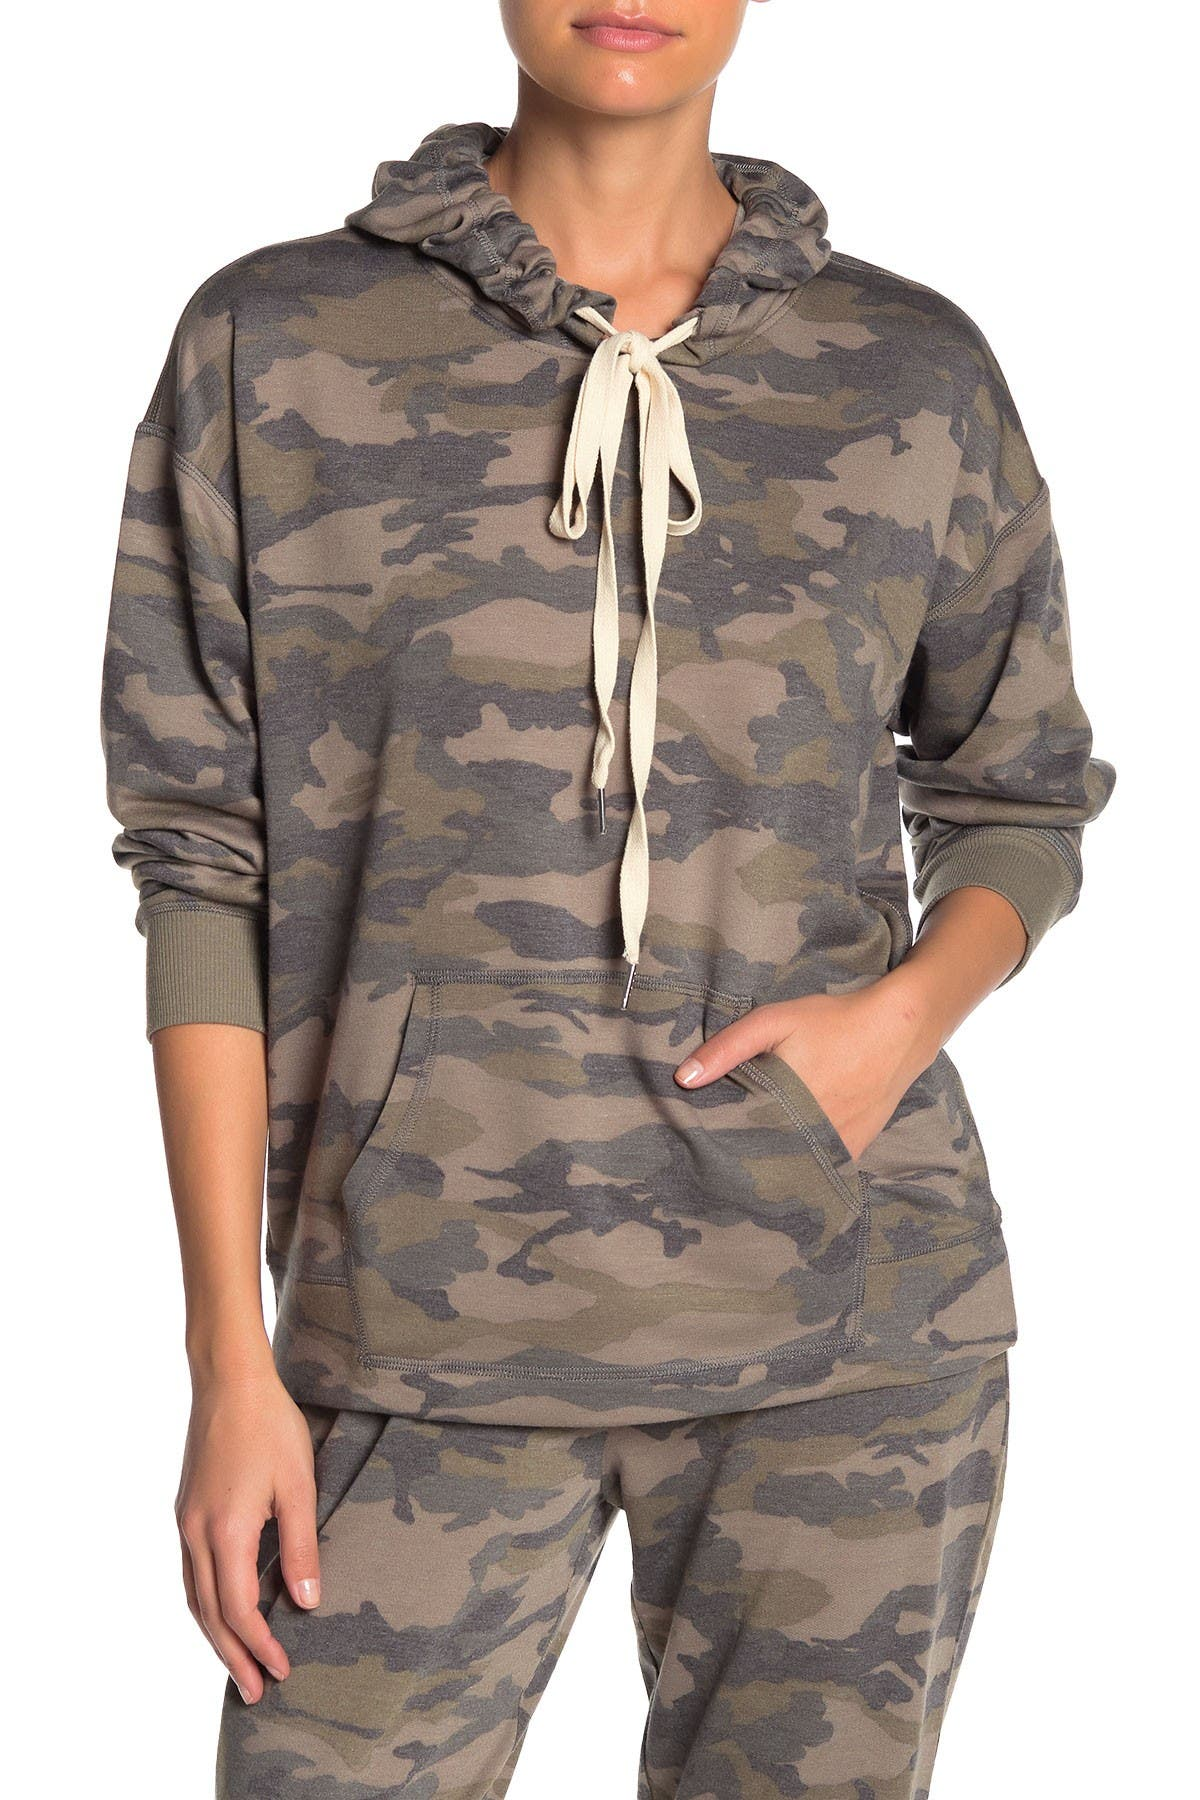 Image of Socialite Long Sleeve Print Pocket Hoodie